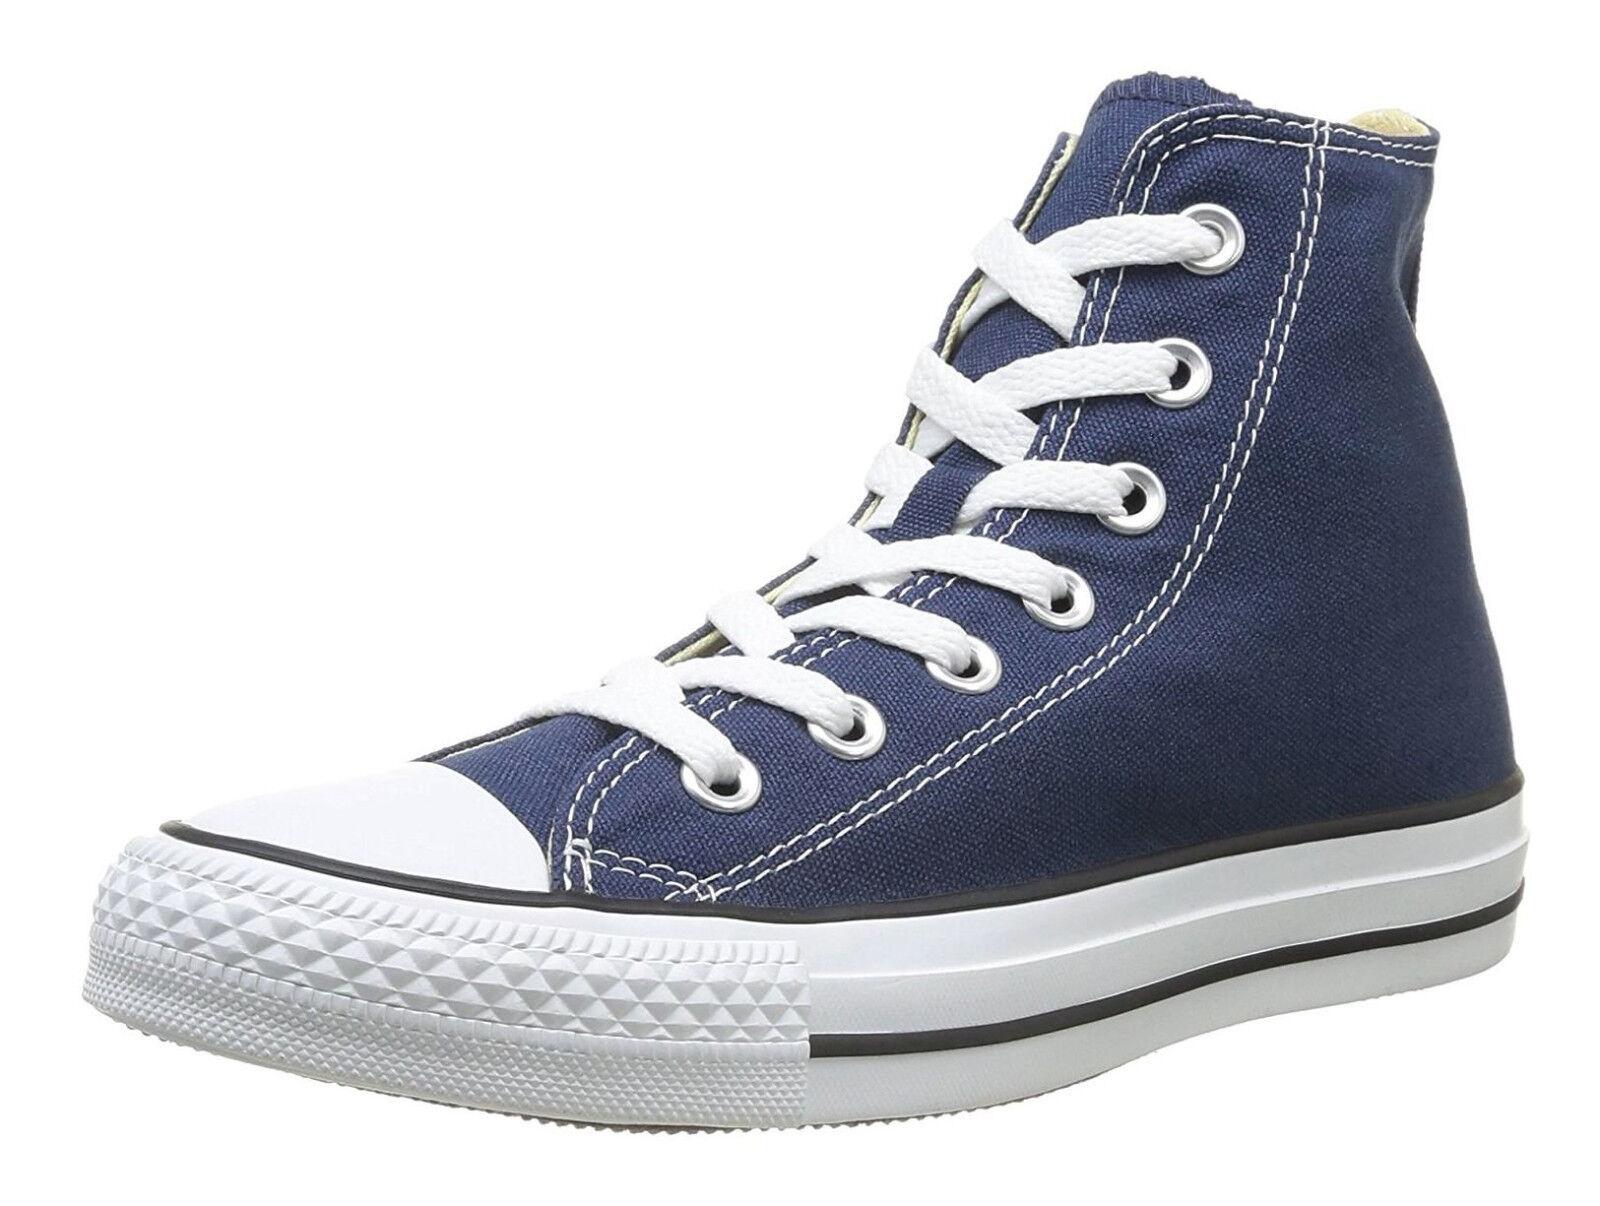 Converse Chuck Taylor All Star Hi Top bleu Marine Femme Baskets chaussures de tennis M9622